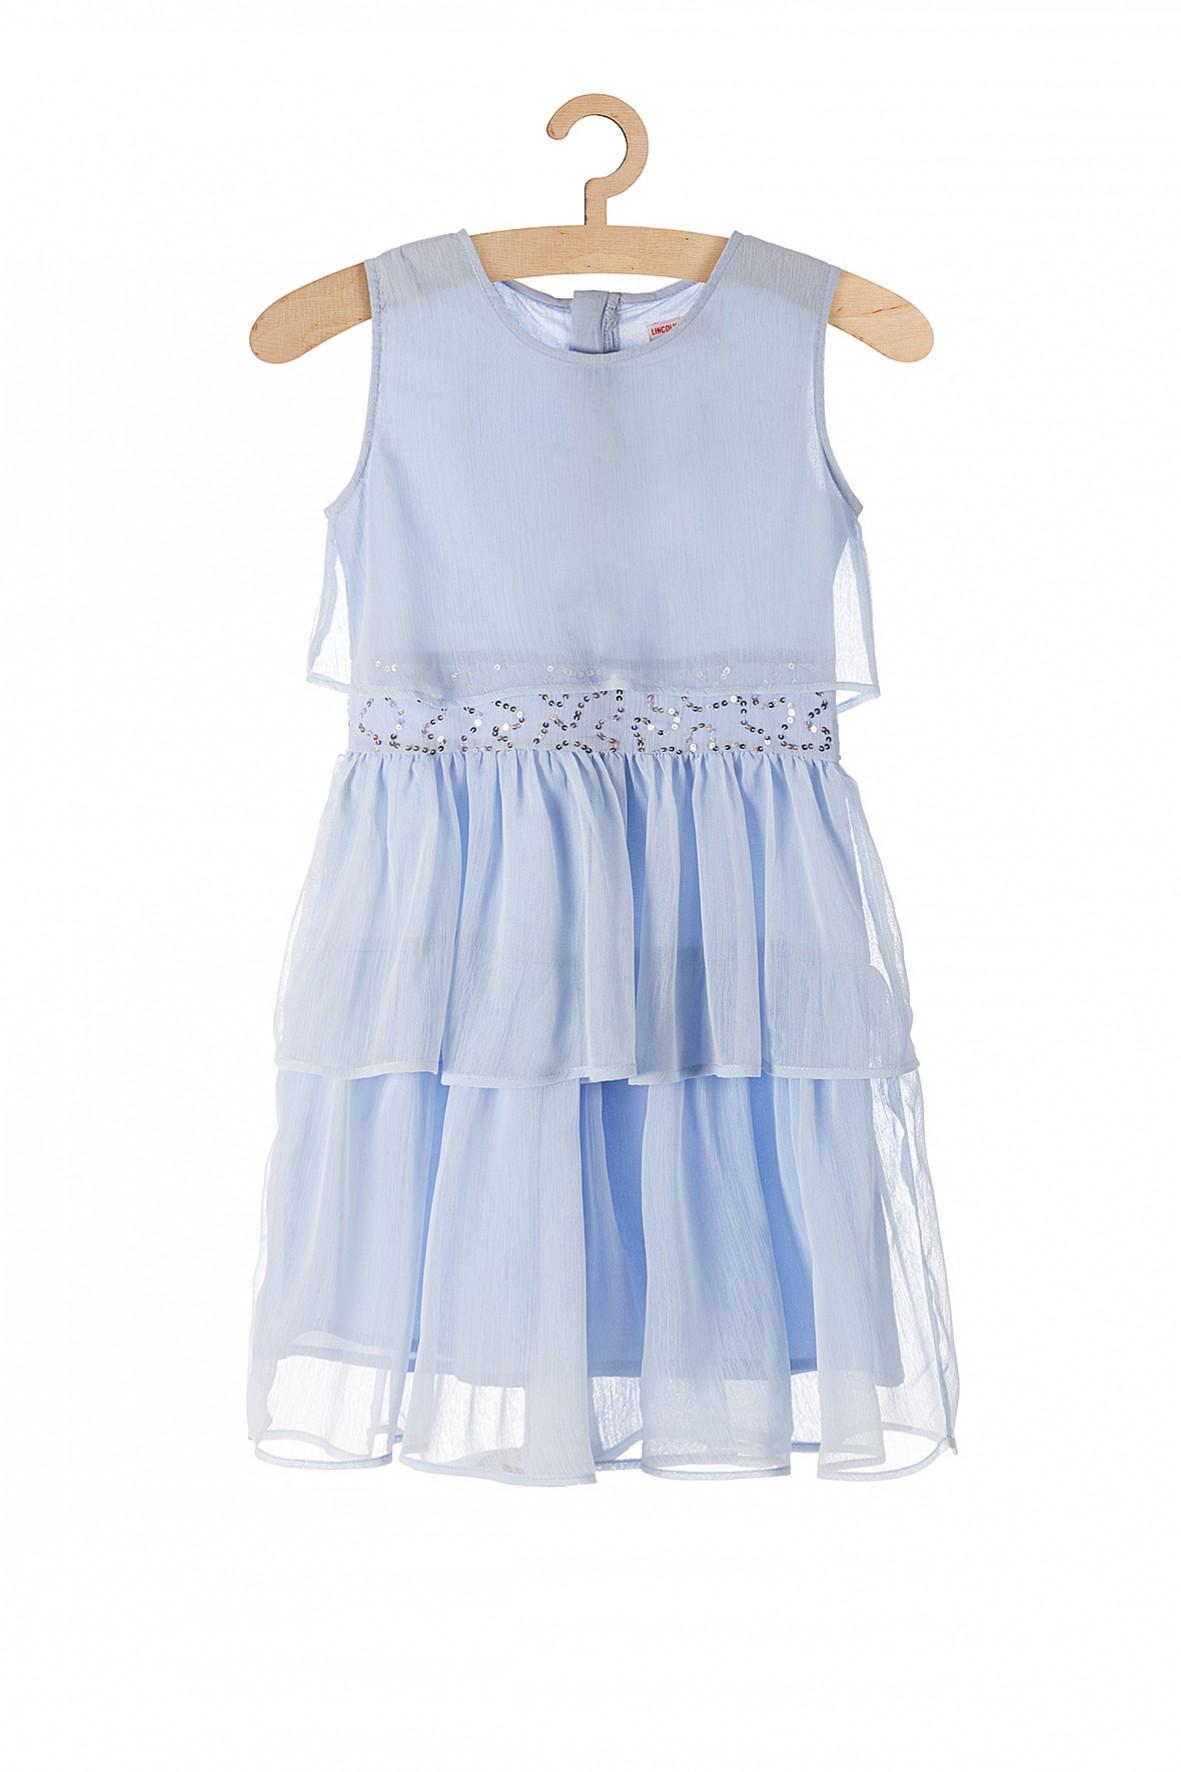 Sukienka dziewczęca niebieska z ozdobnymi cekinami